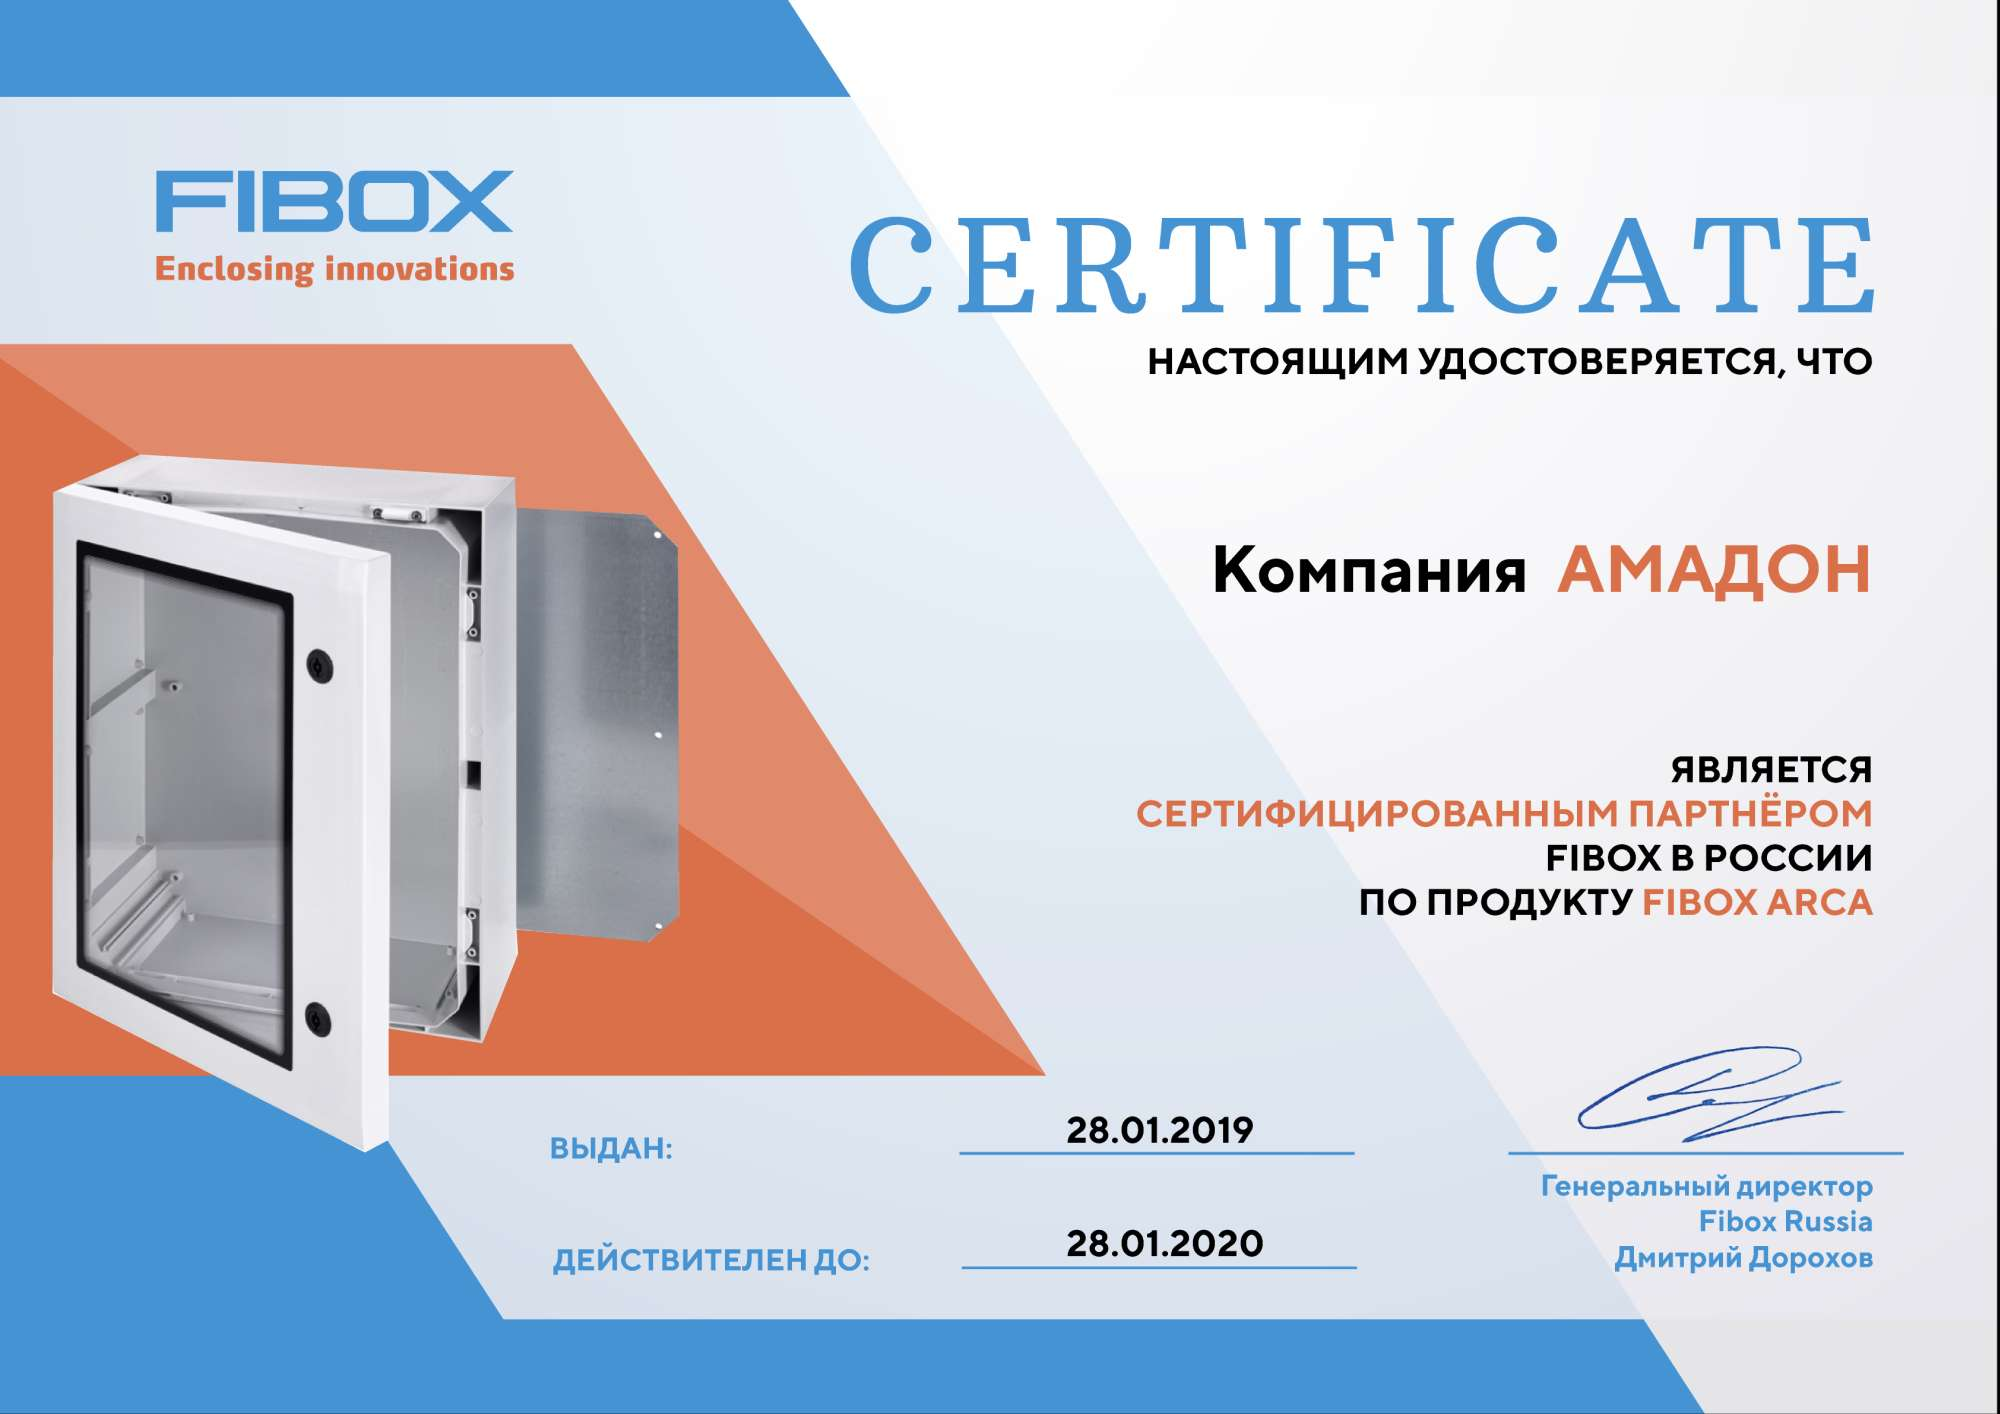 Сертификат Амадон-Fibox